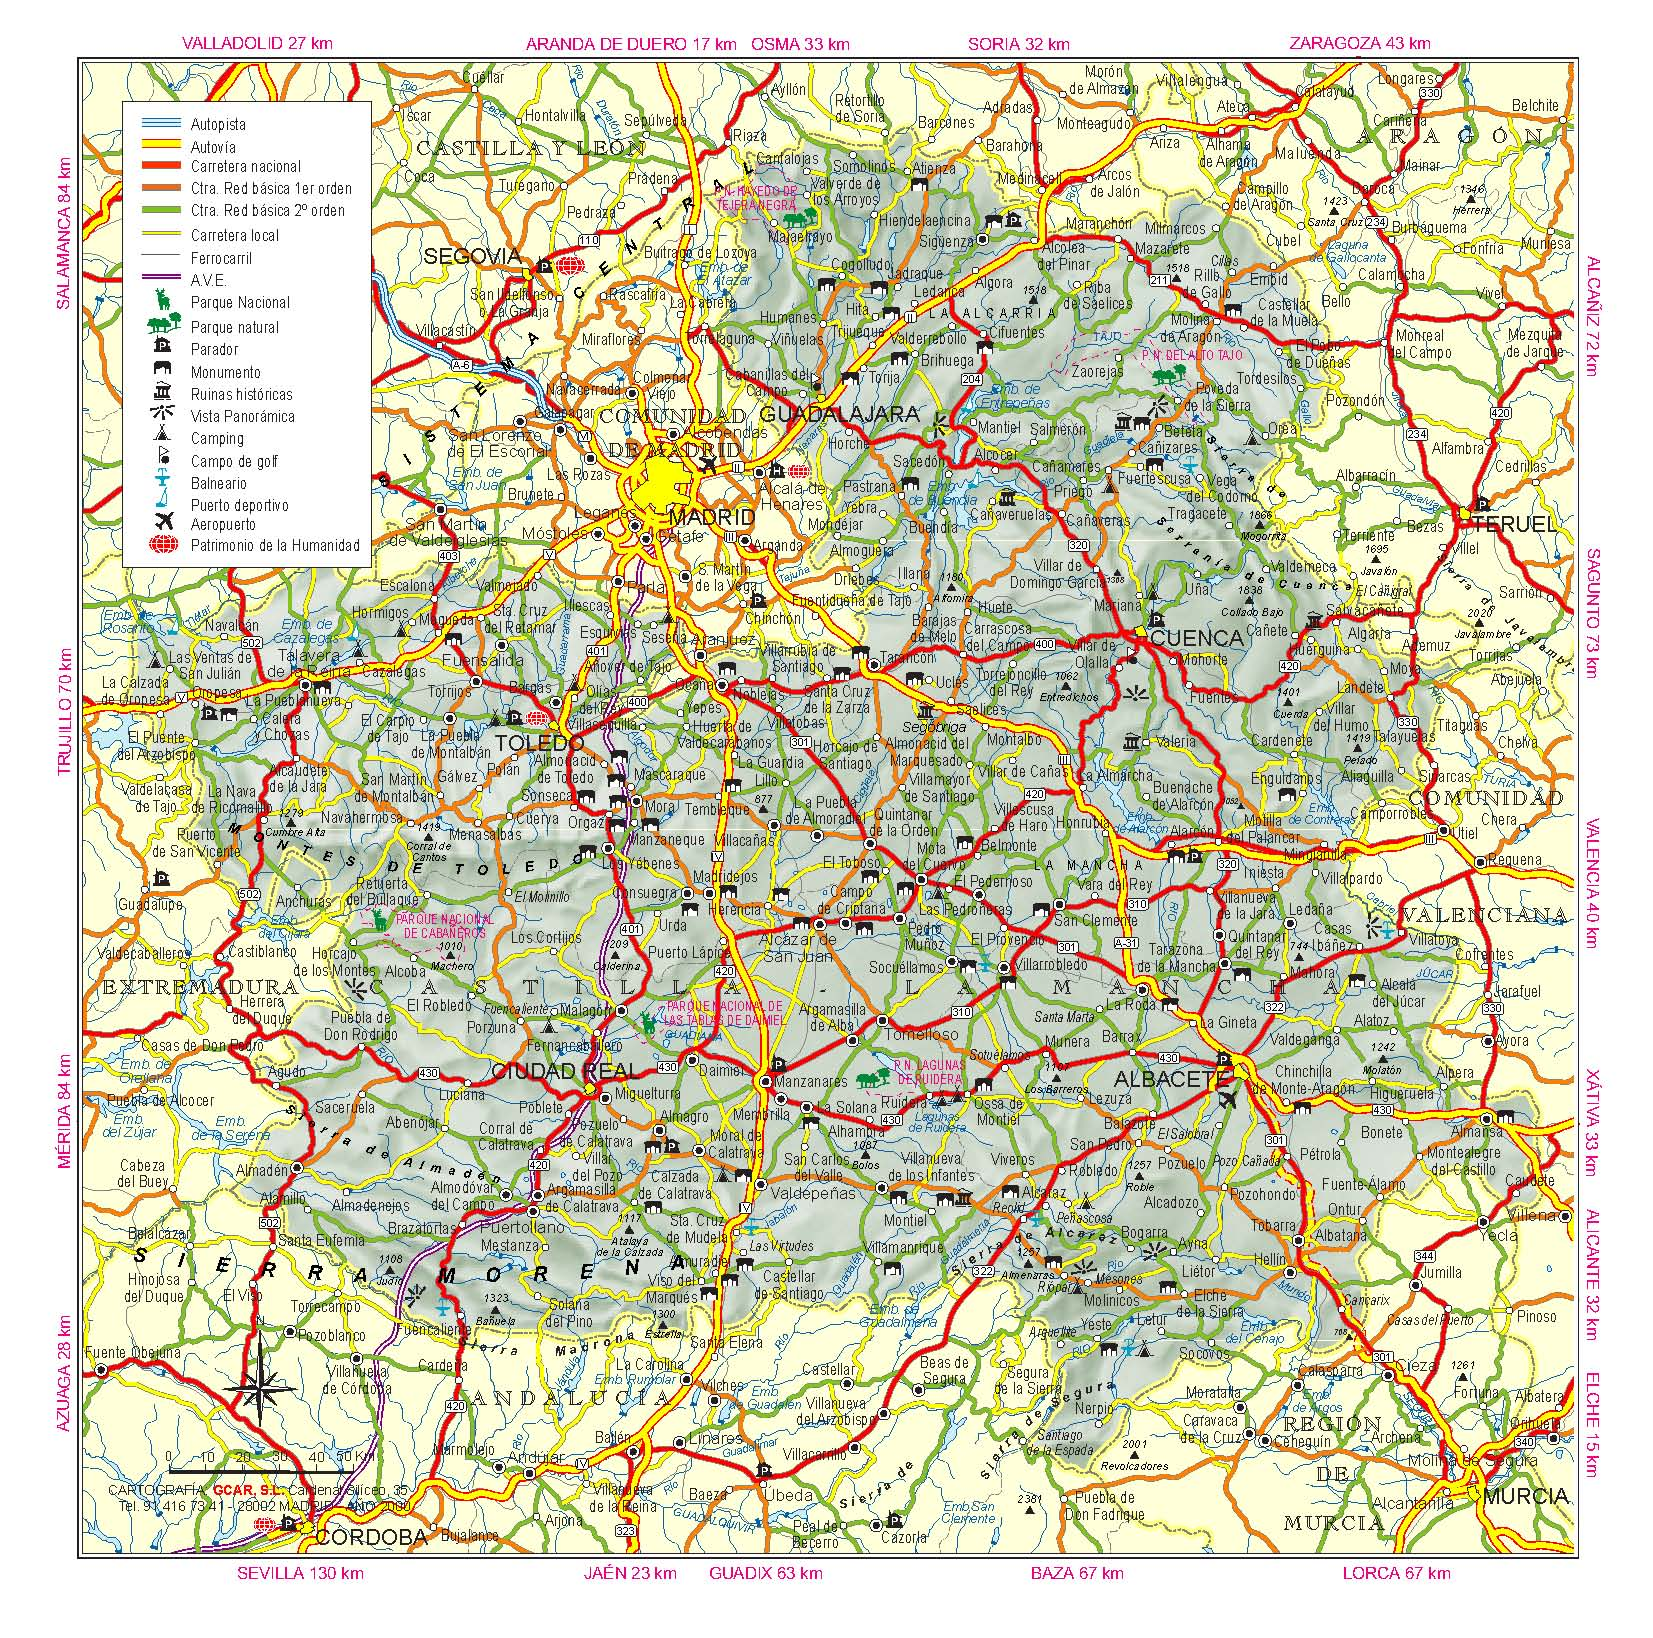 Карта Кастилии-Ла-Манчи